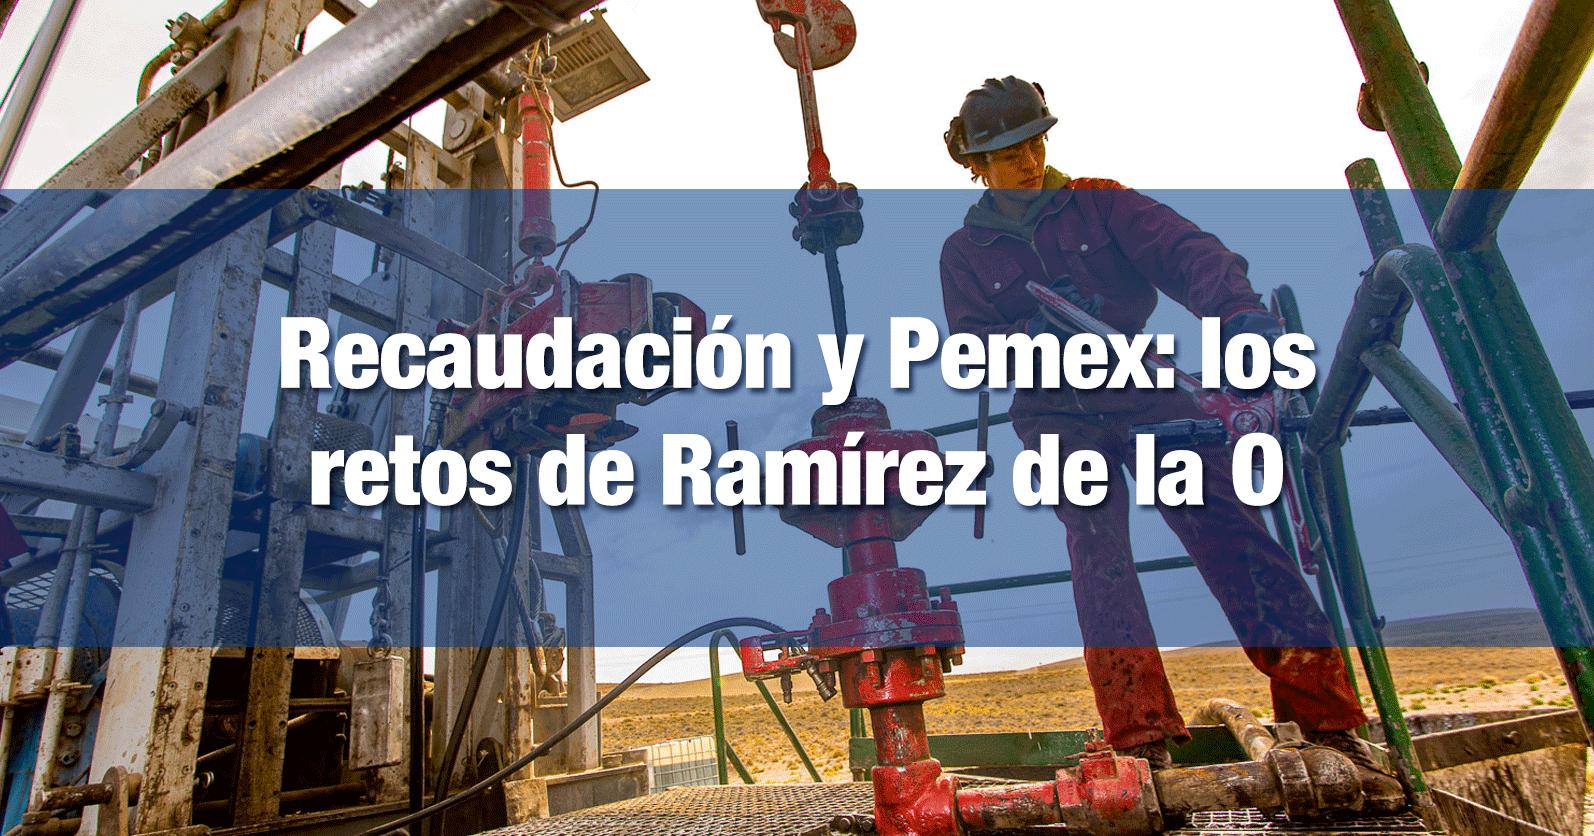 Recaudación y Pemex: los retos de Ramírez de la O